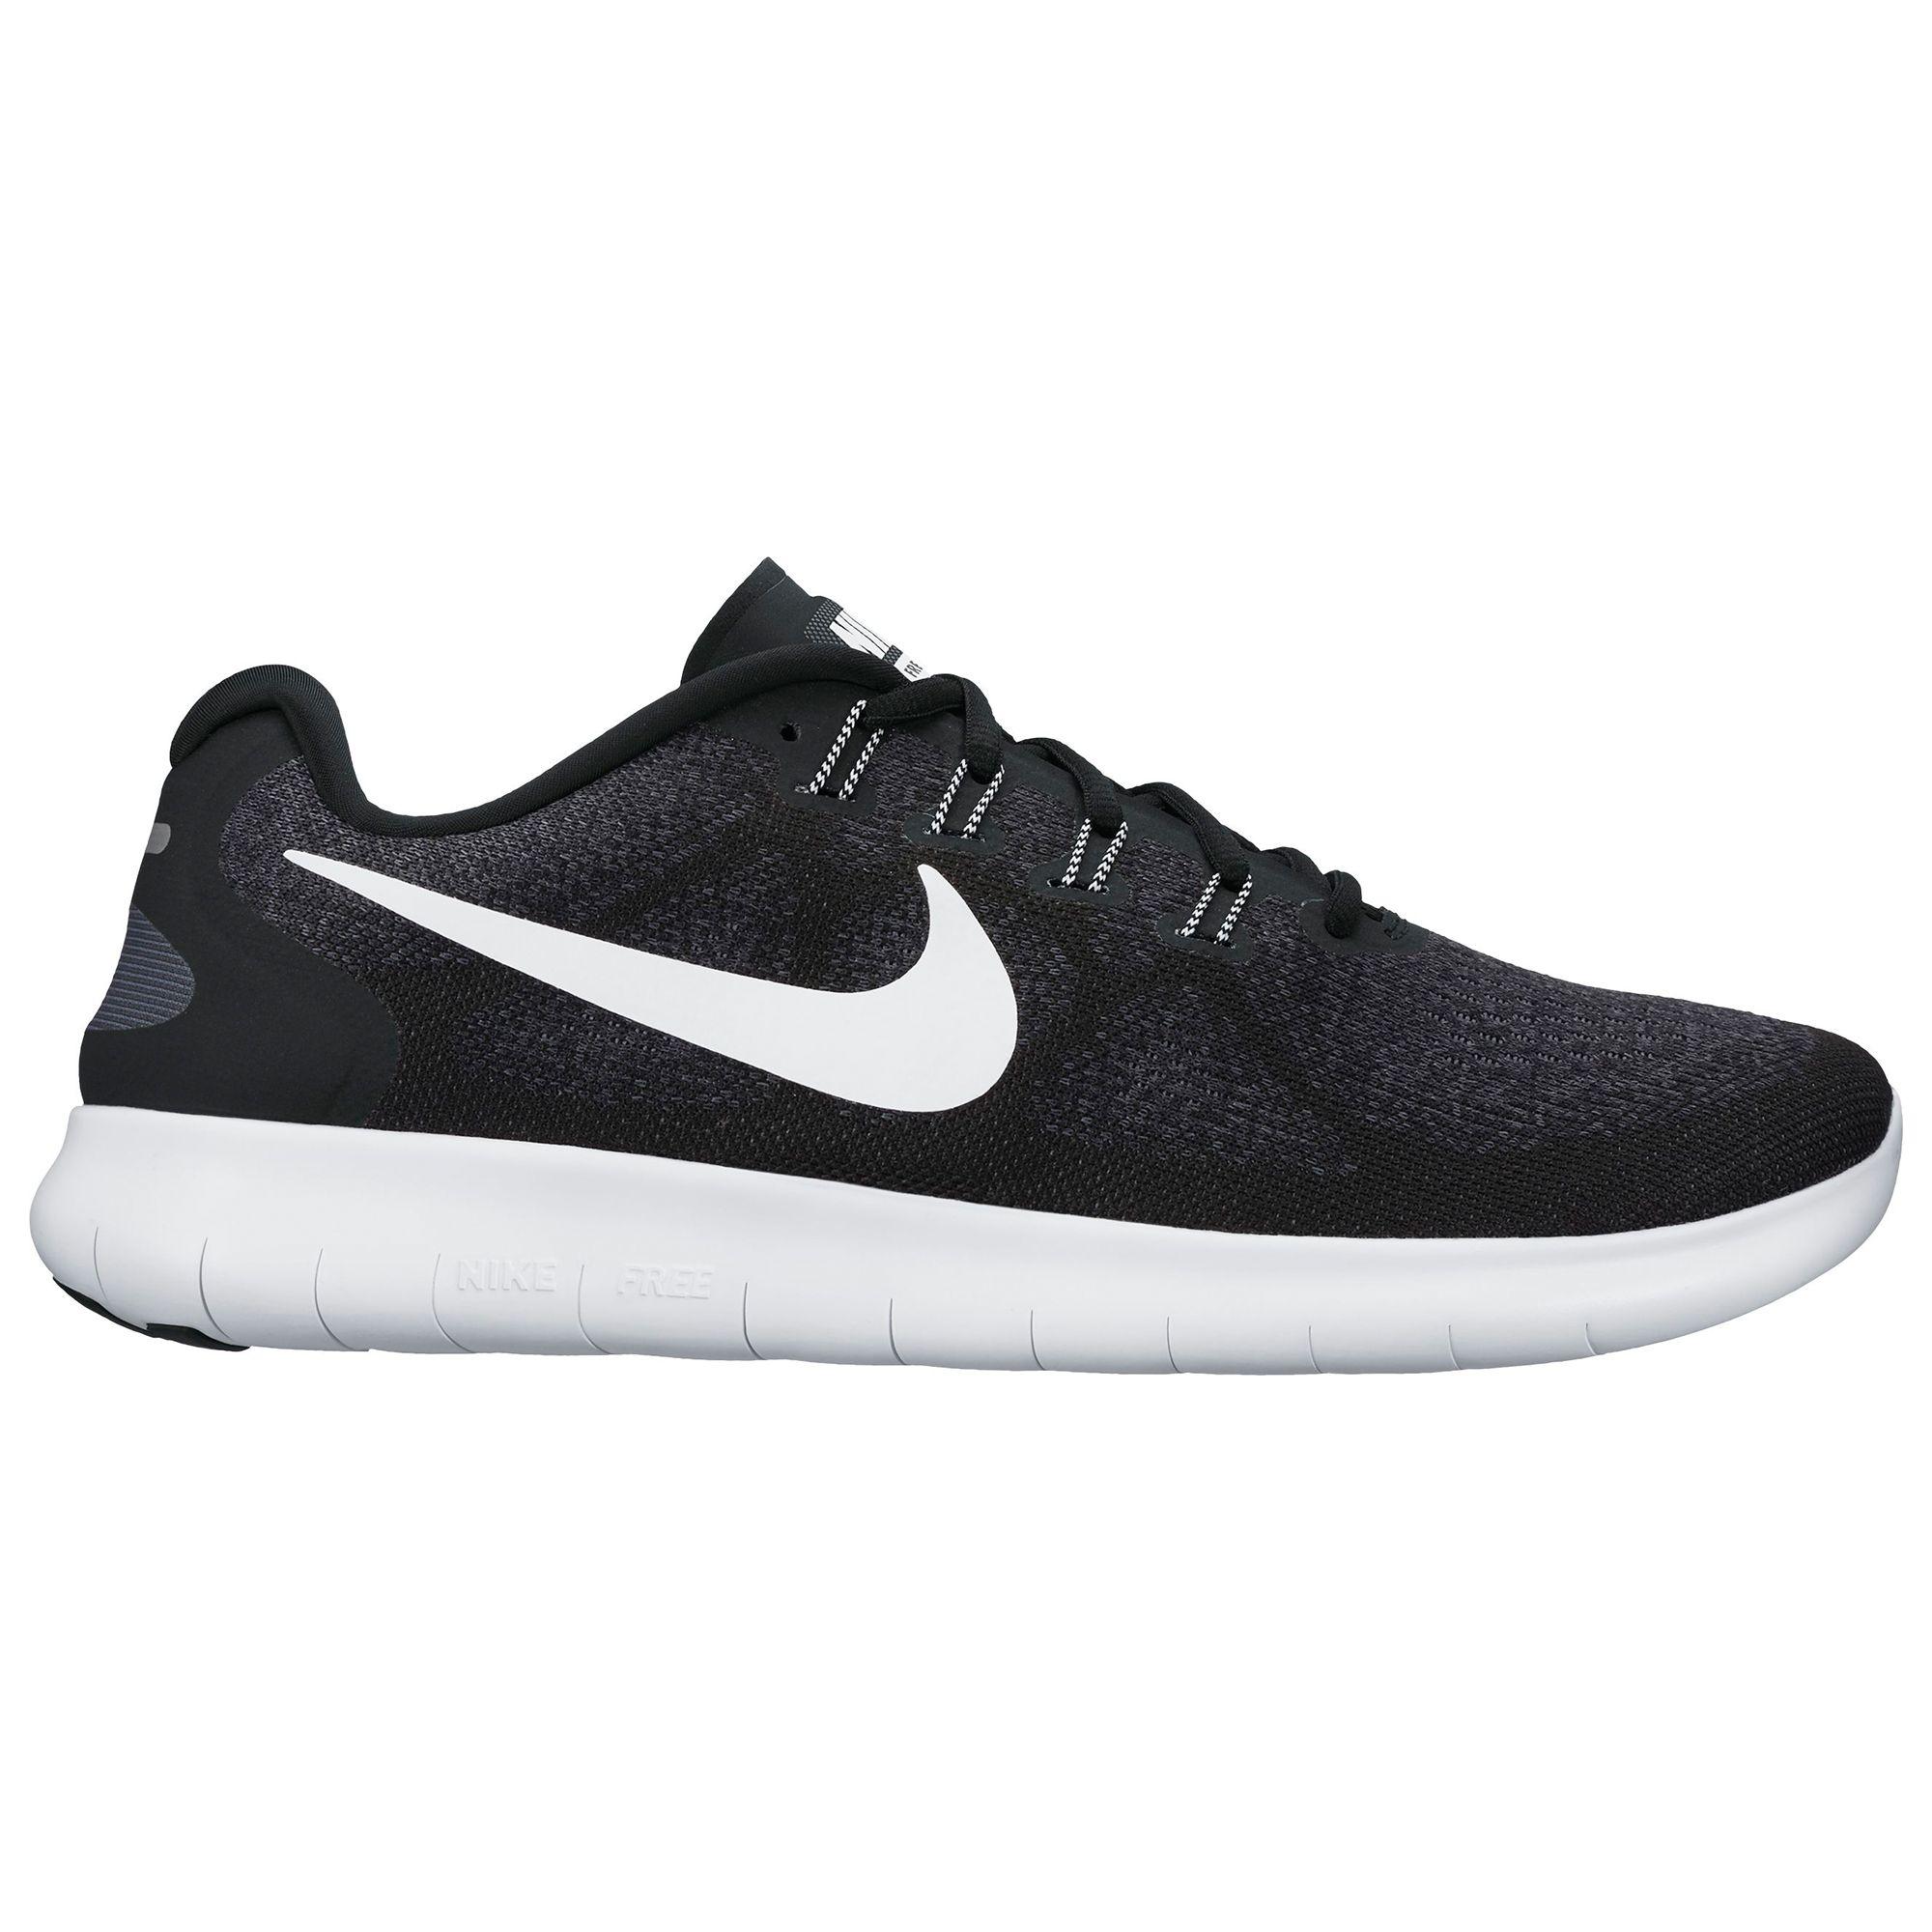 Nike free rn 2 men's running shoe